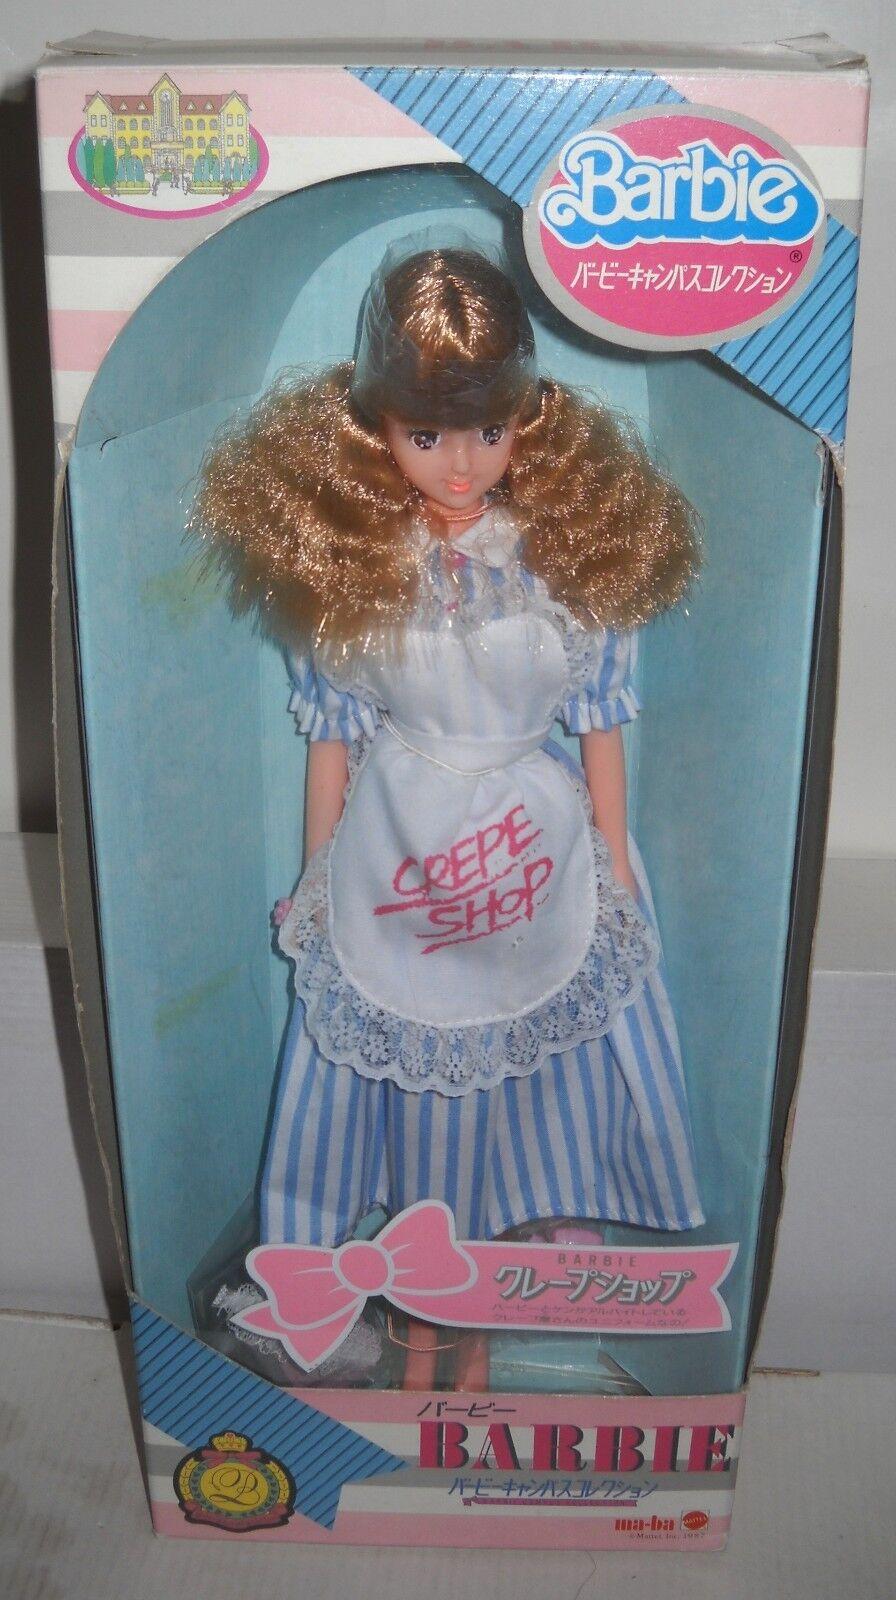 Raro nunca quitado de la caja vintage ma BA Japón Crepe Shop Barbie campus Collection